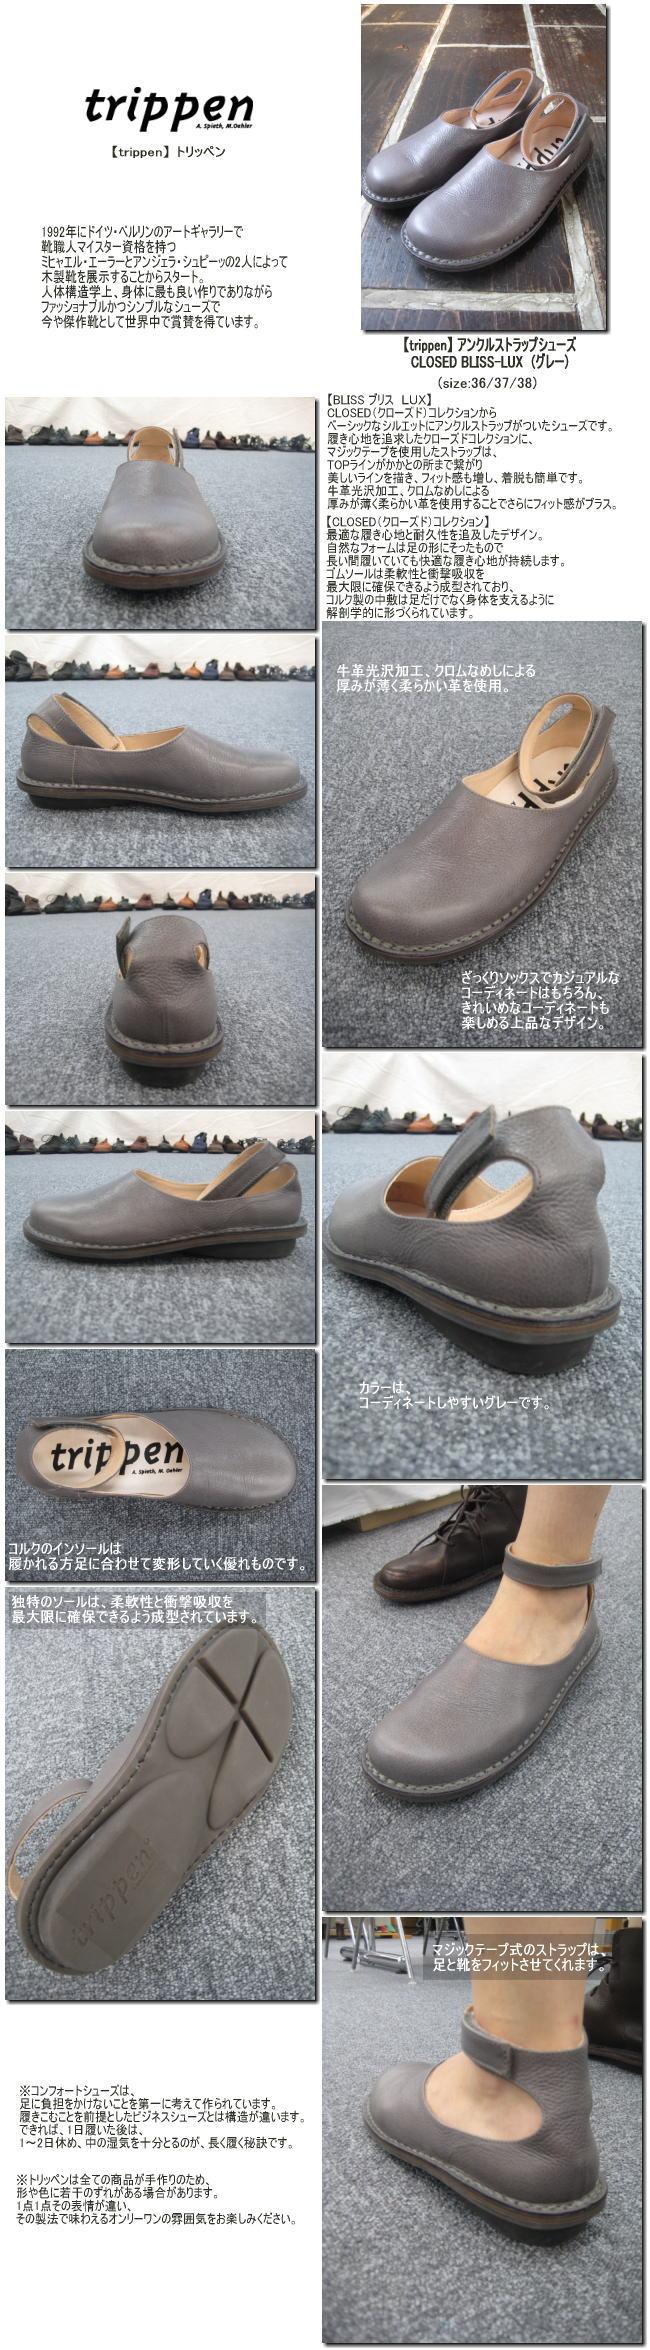 【trippen】トリッペン アンクルストラップシューズ CLOSED BLISS-LUX (グレー) (size:35/36/37/38)